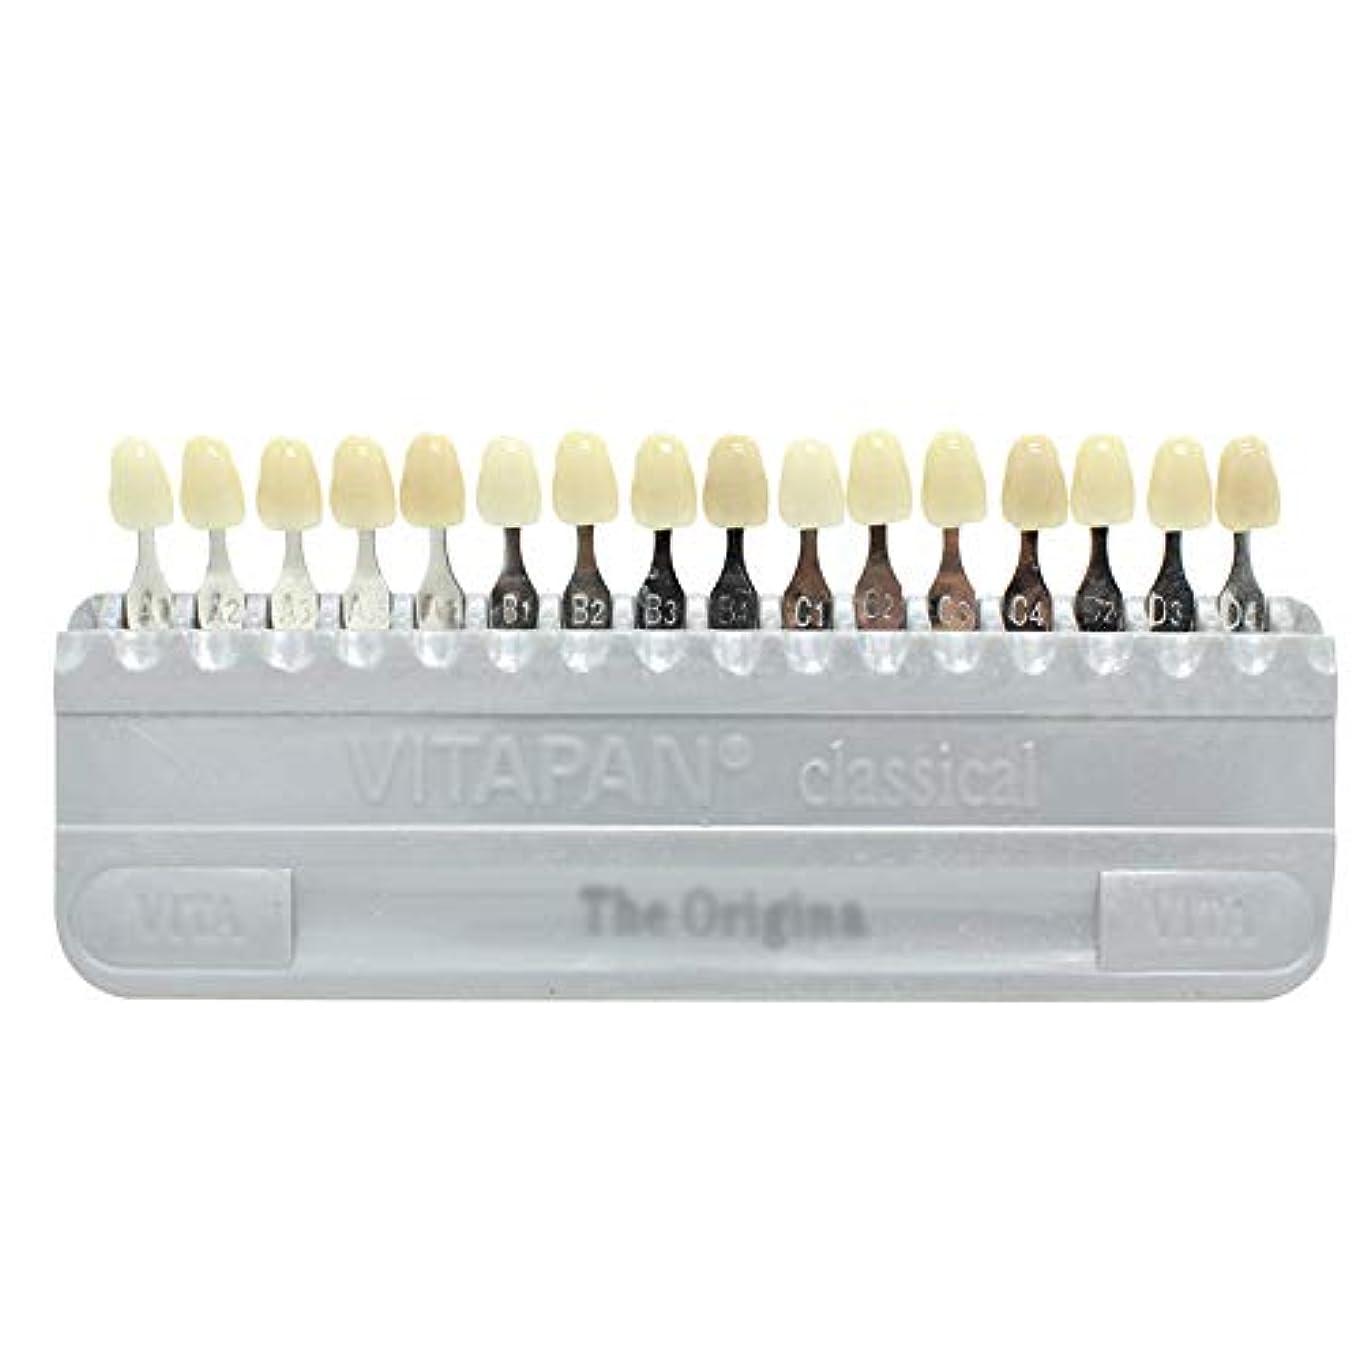 巻き取り行商人ささやきPochiDen 歯科ホワイトニング用シェードガイド 16色 3D 歯列模型ボード